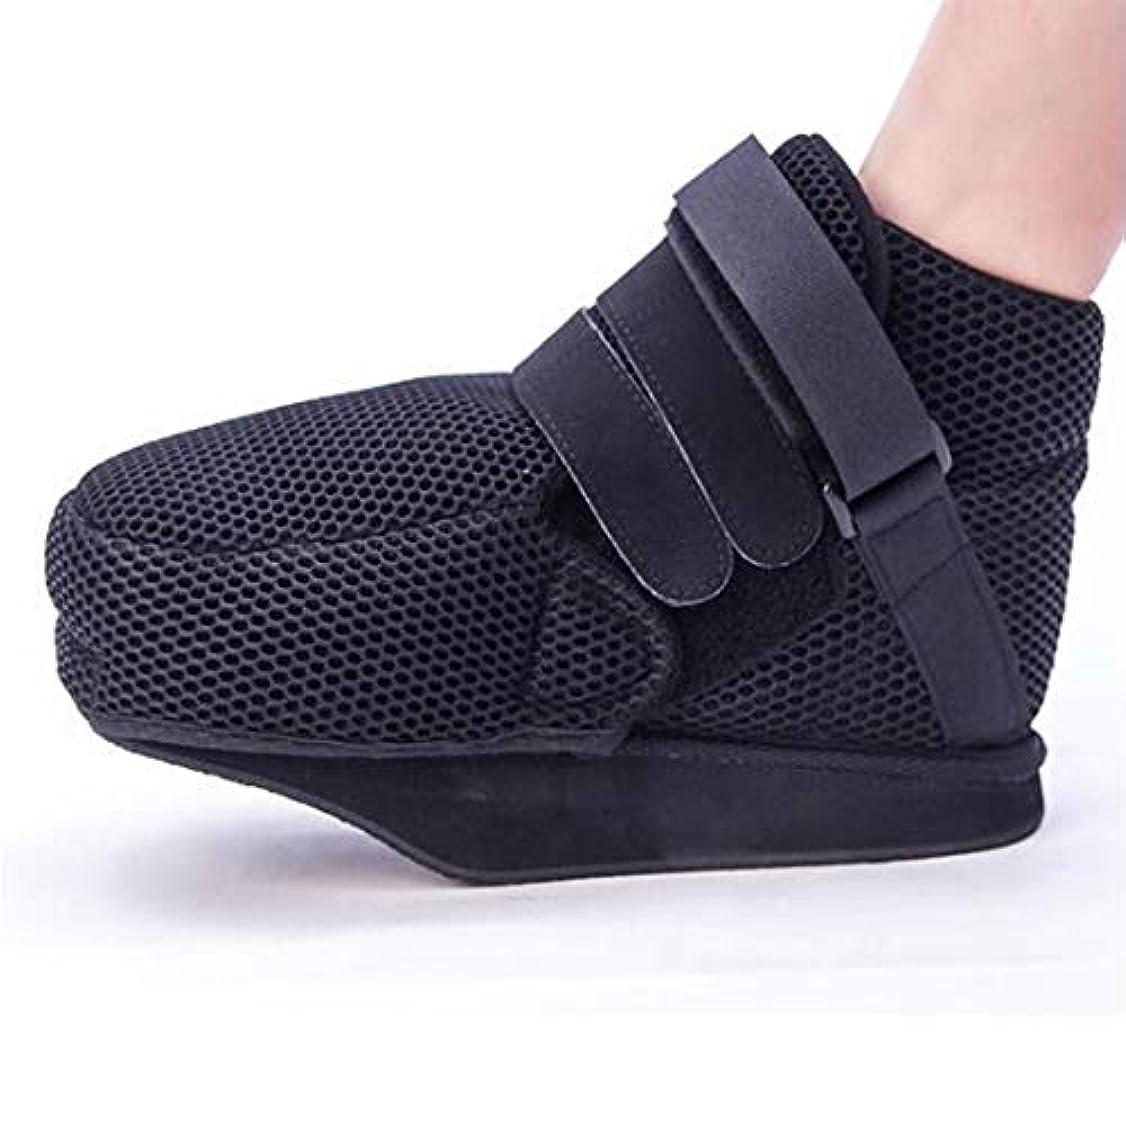 魅了する活気づく完全に医療足骨折石膏の回復靴の手術後のつま先の靴を安定化骨折の靴を調整可能なファスナーで完全なカバー,S24cm